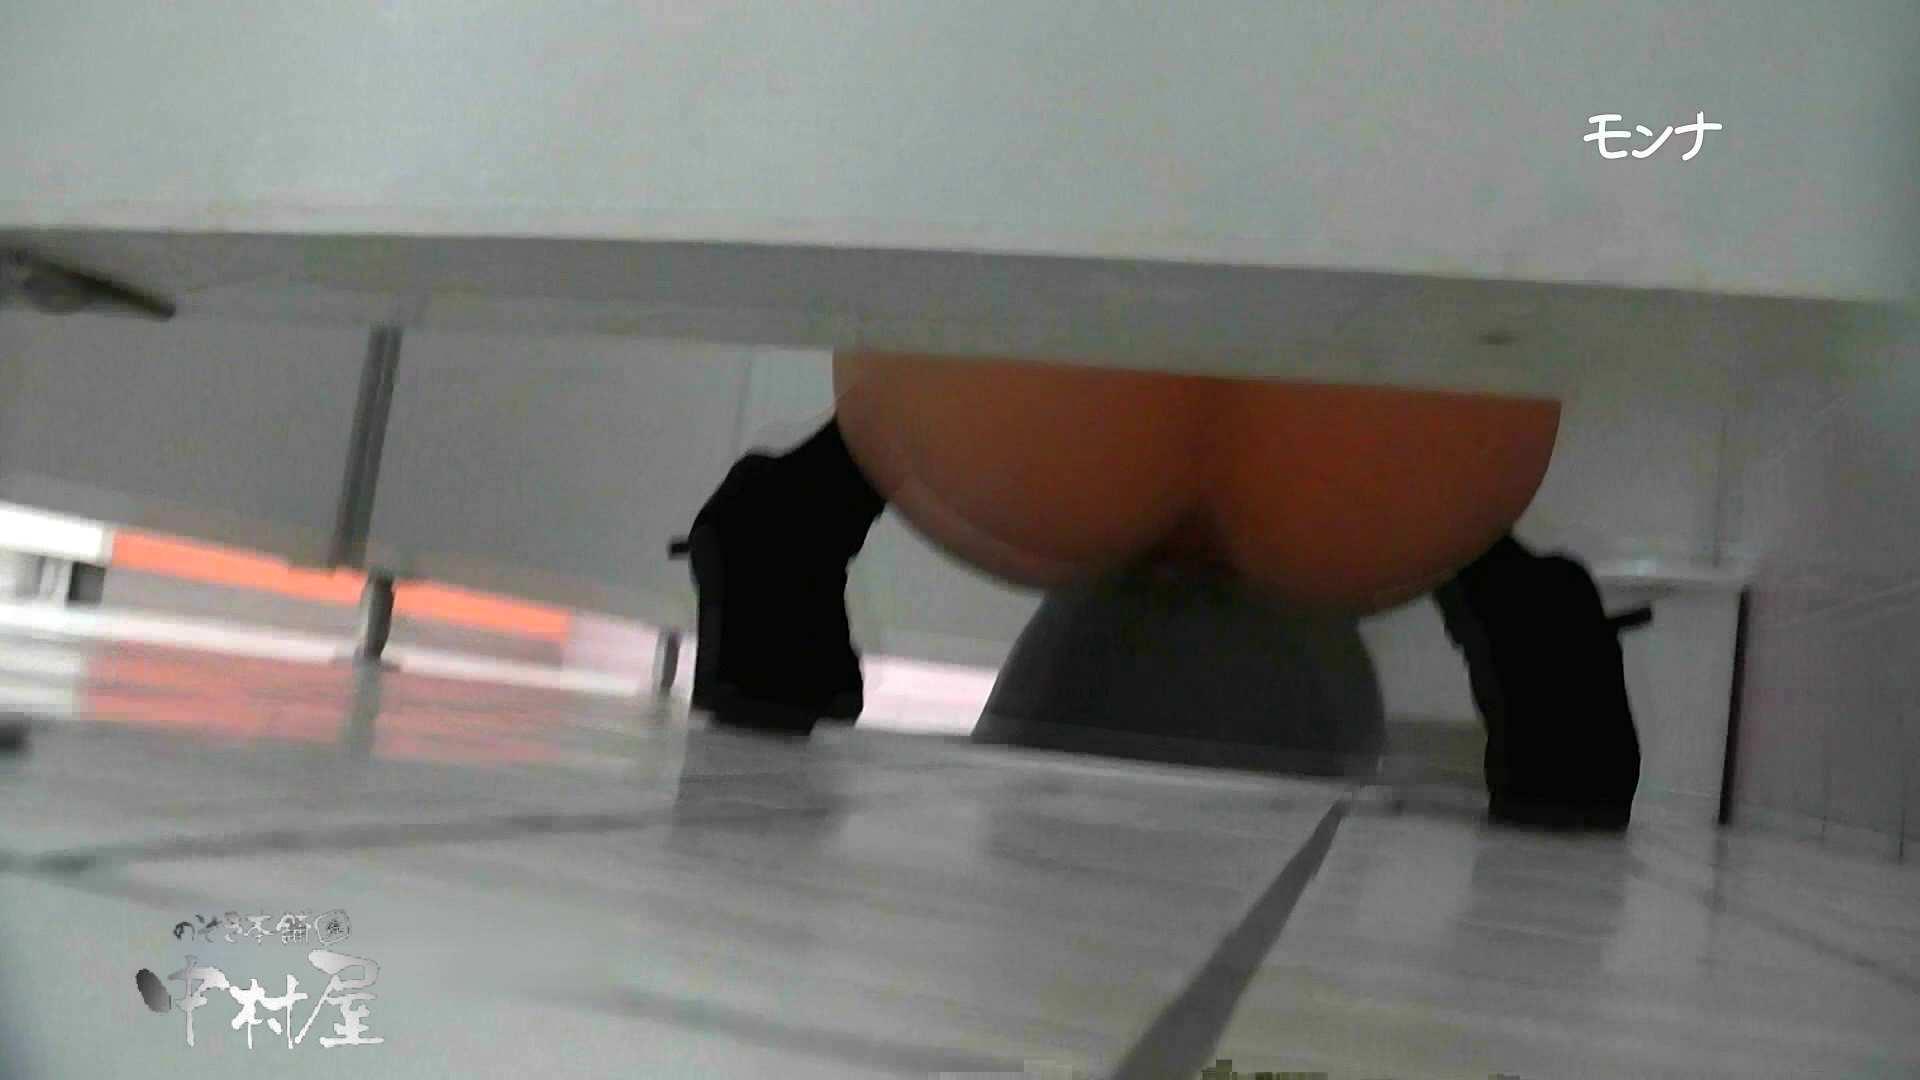 【美しい日本の未来】遂に!!戸田恵梨香似の予告モデル登場ダッシュで「大」後編 盗撮 エロ画像 59画像 8